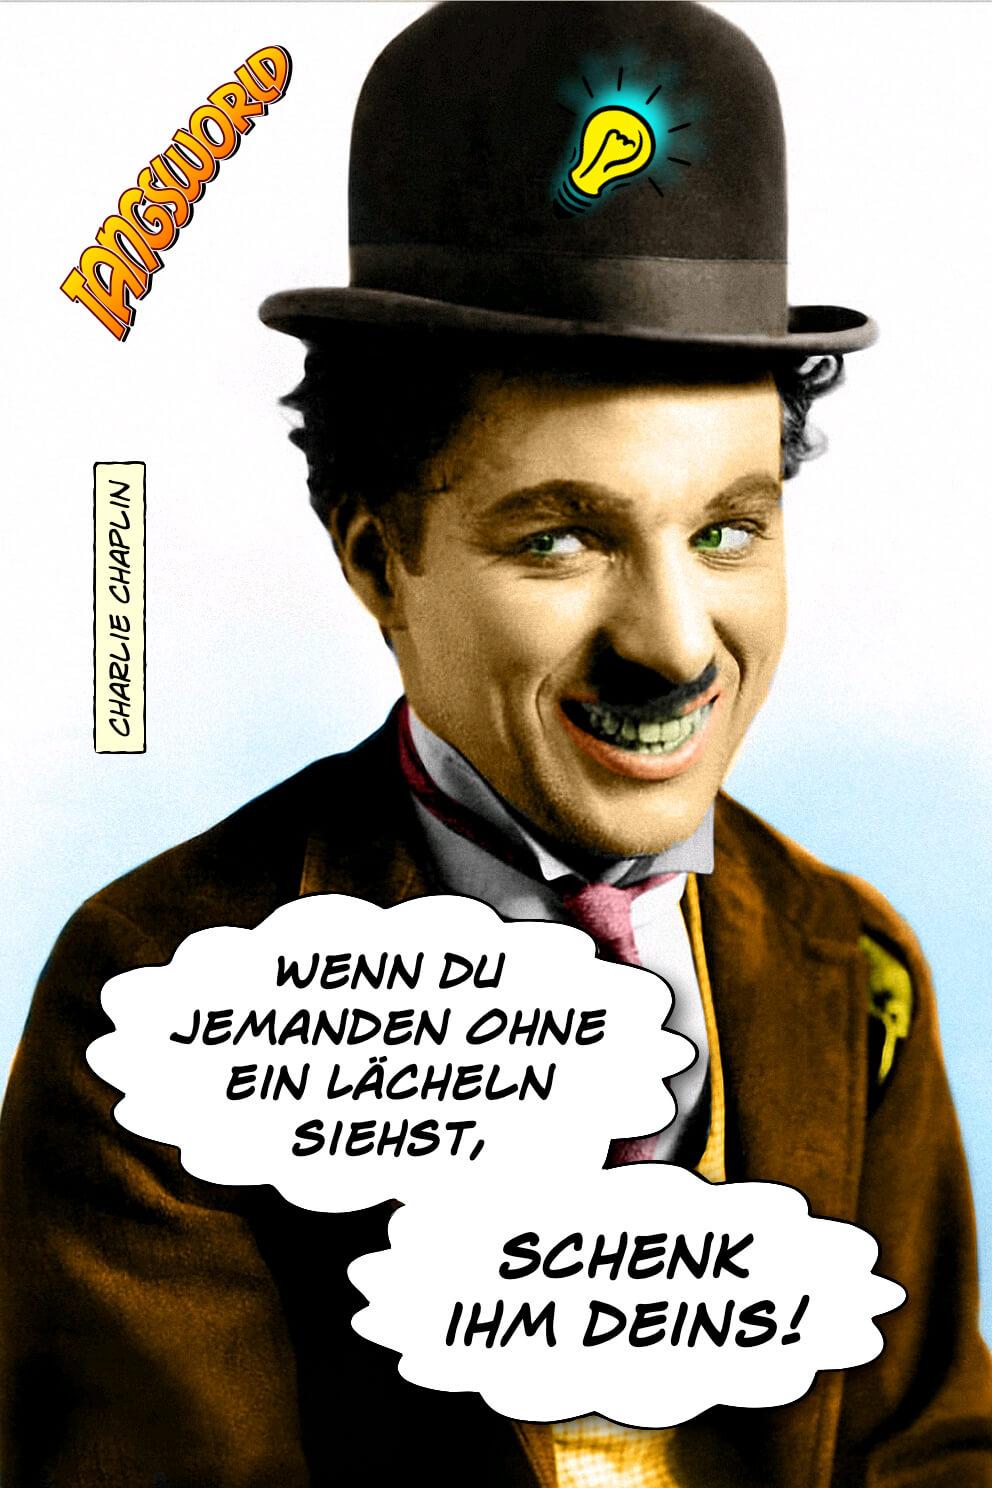 Wenn du jemanden ohne ein Lächeln siehst, schenk ihm deins! - Geistesblitze   Charlie Chaplin